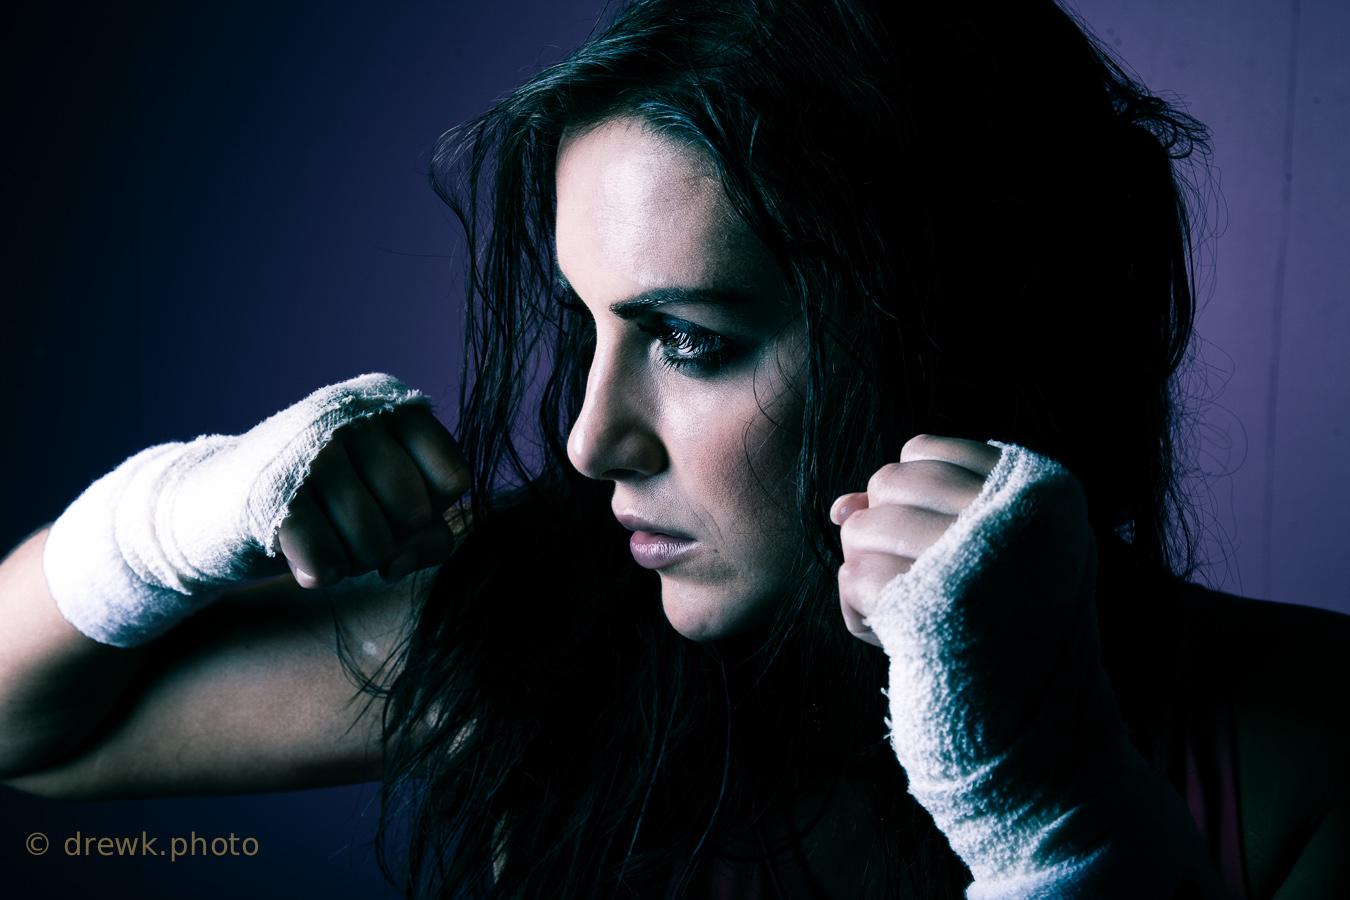 model : Katie Green studio shoot